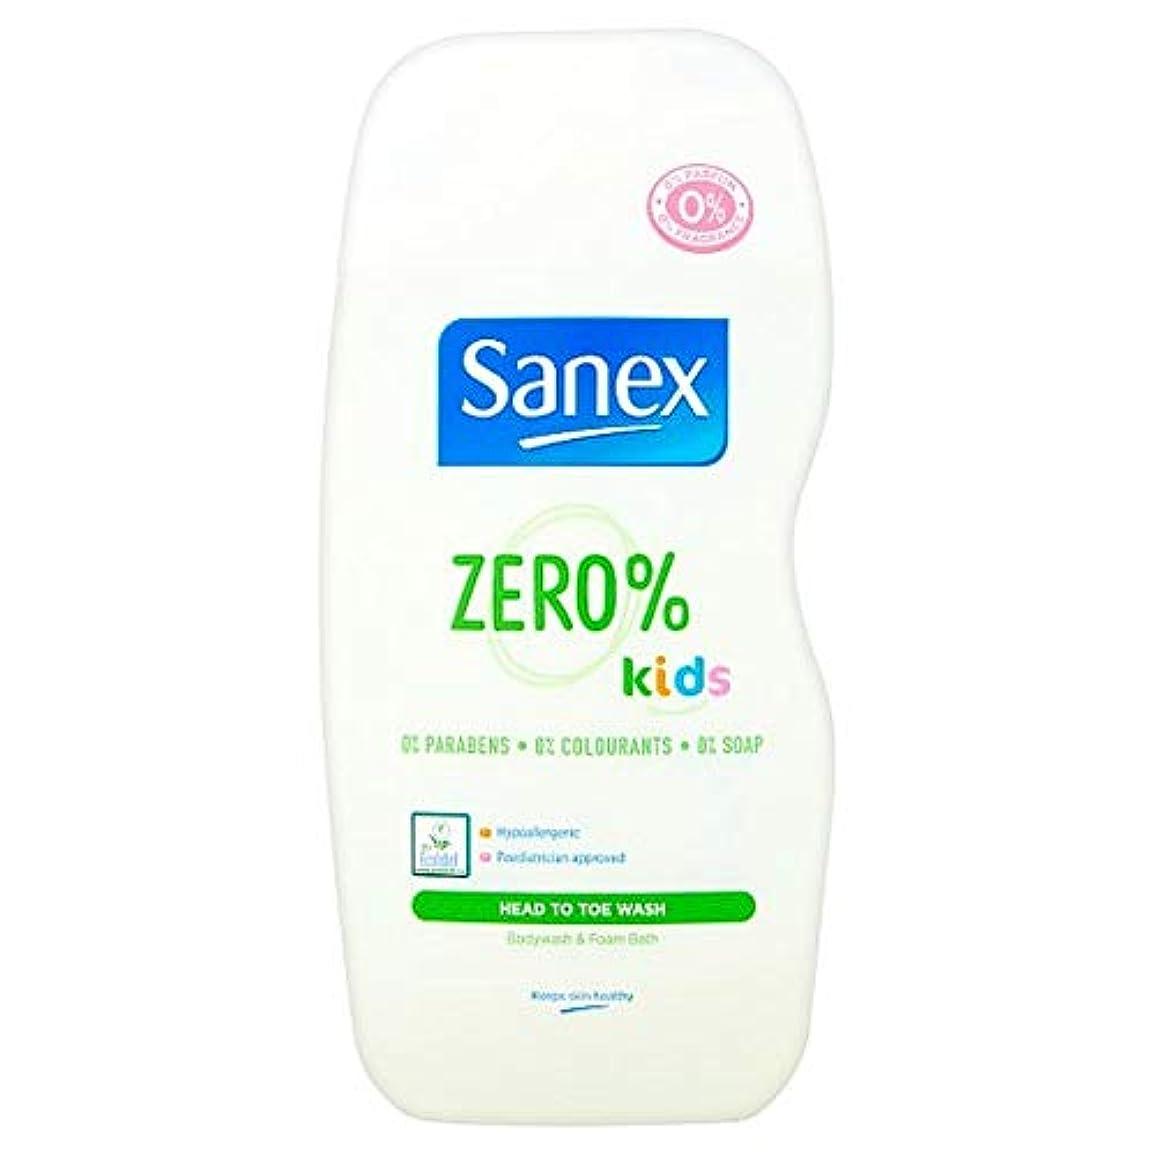 コインランドリーダウンタウンプランテーション[Sanex] Sanexゼロ%キッズボディウォッシュとFoambath 500ミリリットル - Sanex Zero% Kids Body Wash And Foambath 500Ml [並行輸入品]